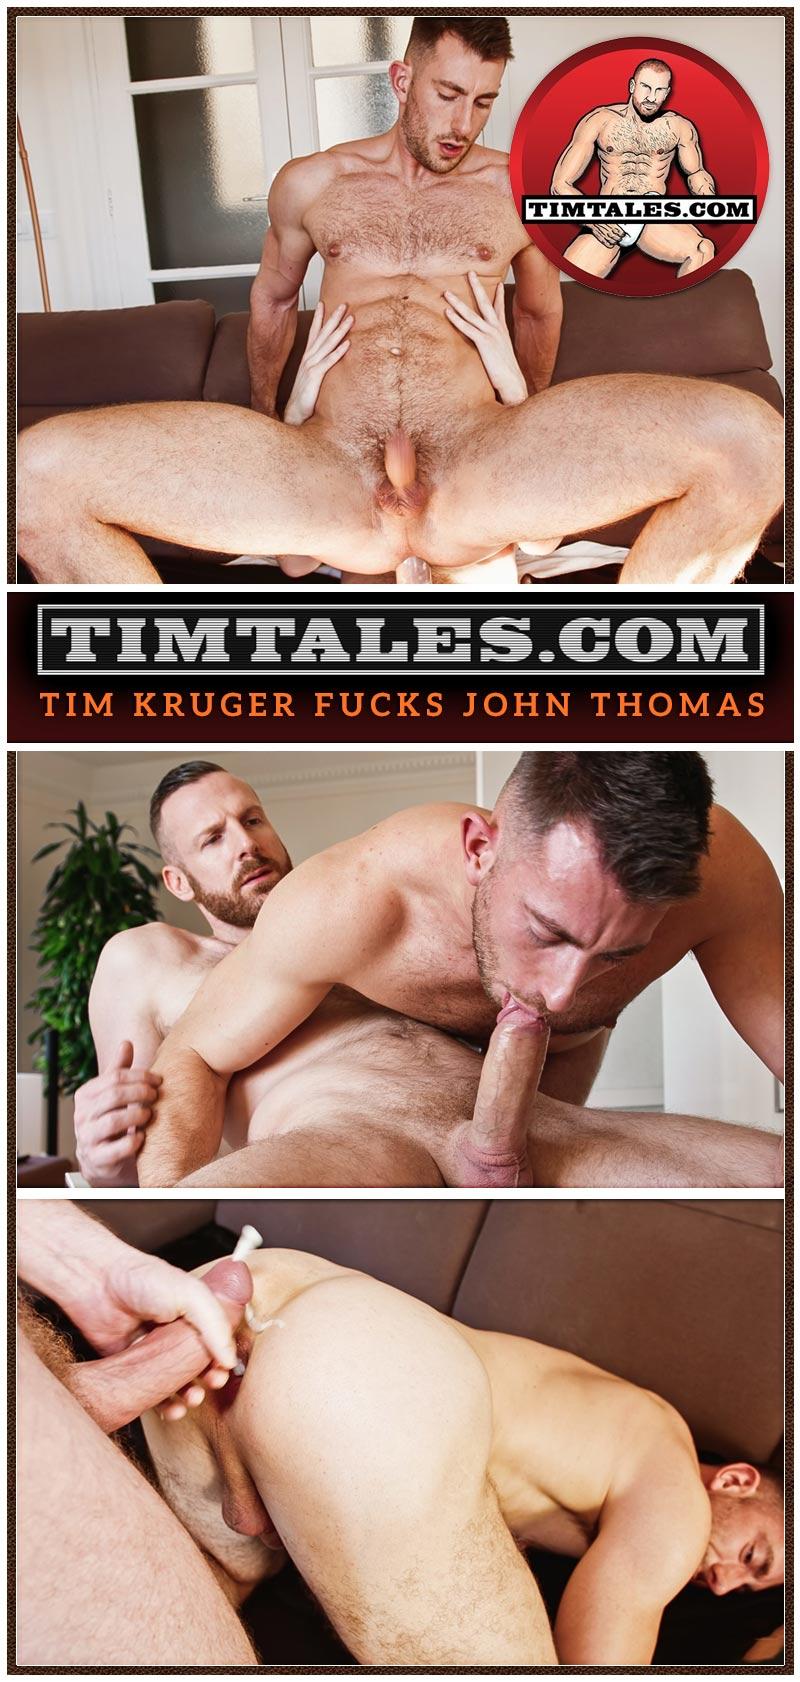 Tim Kruger Fucks John Thomas at TimTales